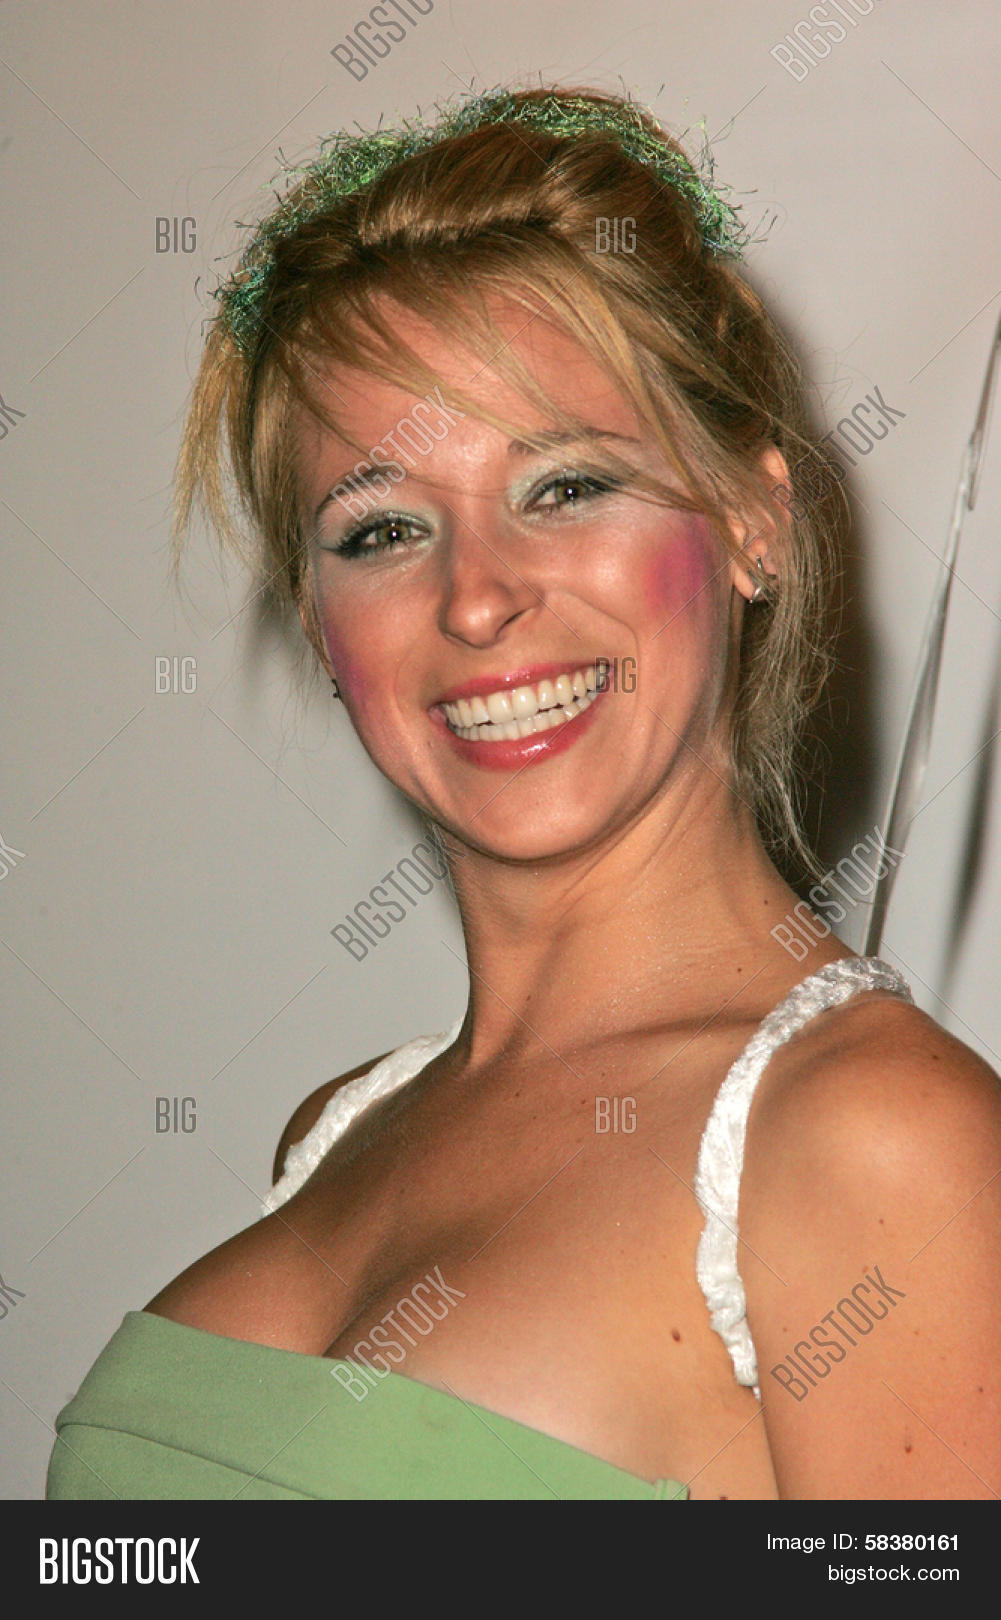 Lindsay Gareth Nude Photos 15